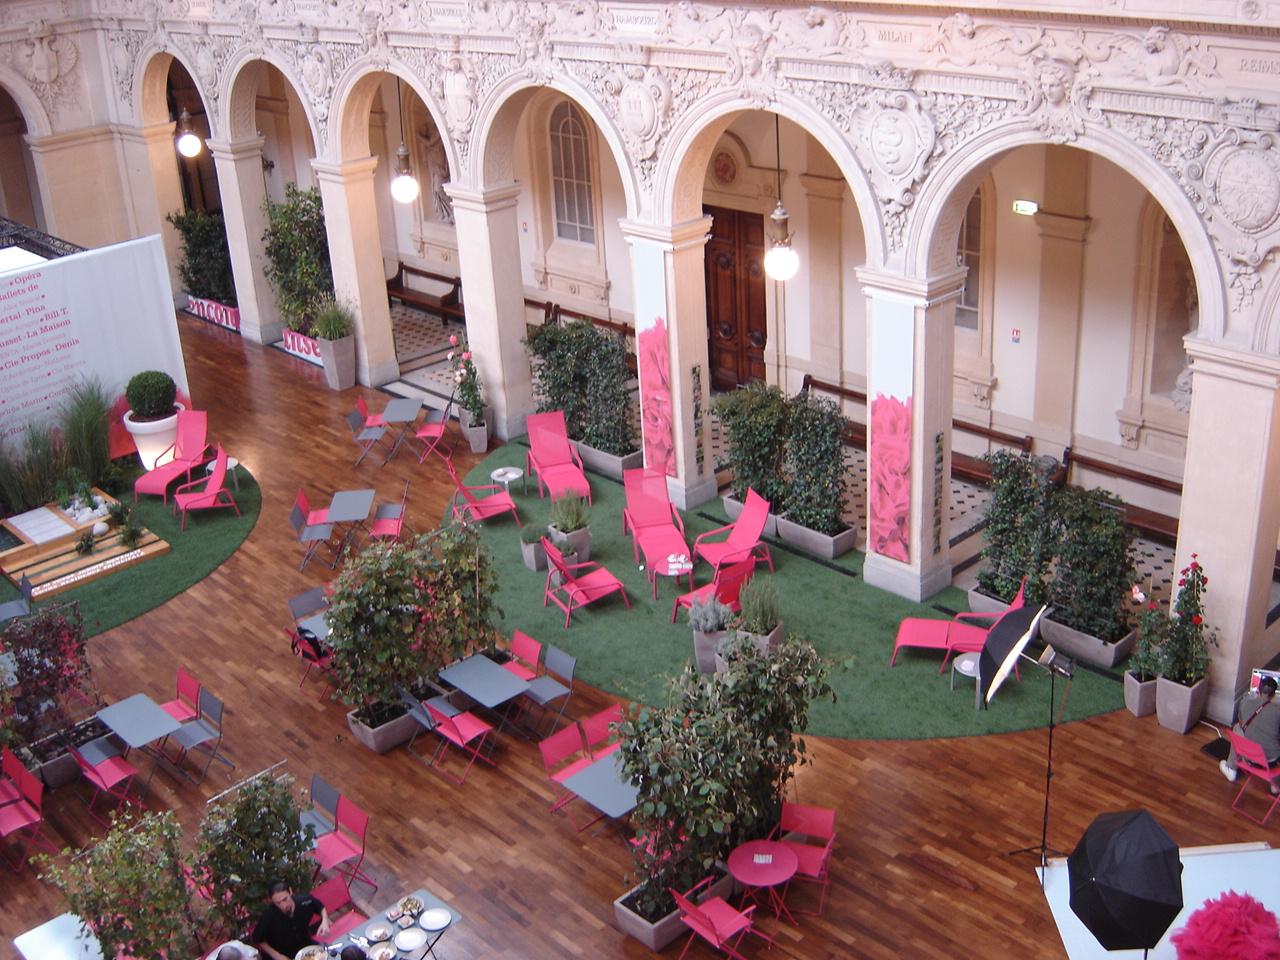 Café danse-Biennale de la Danse 2010